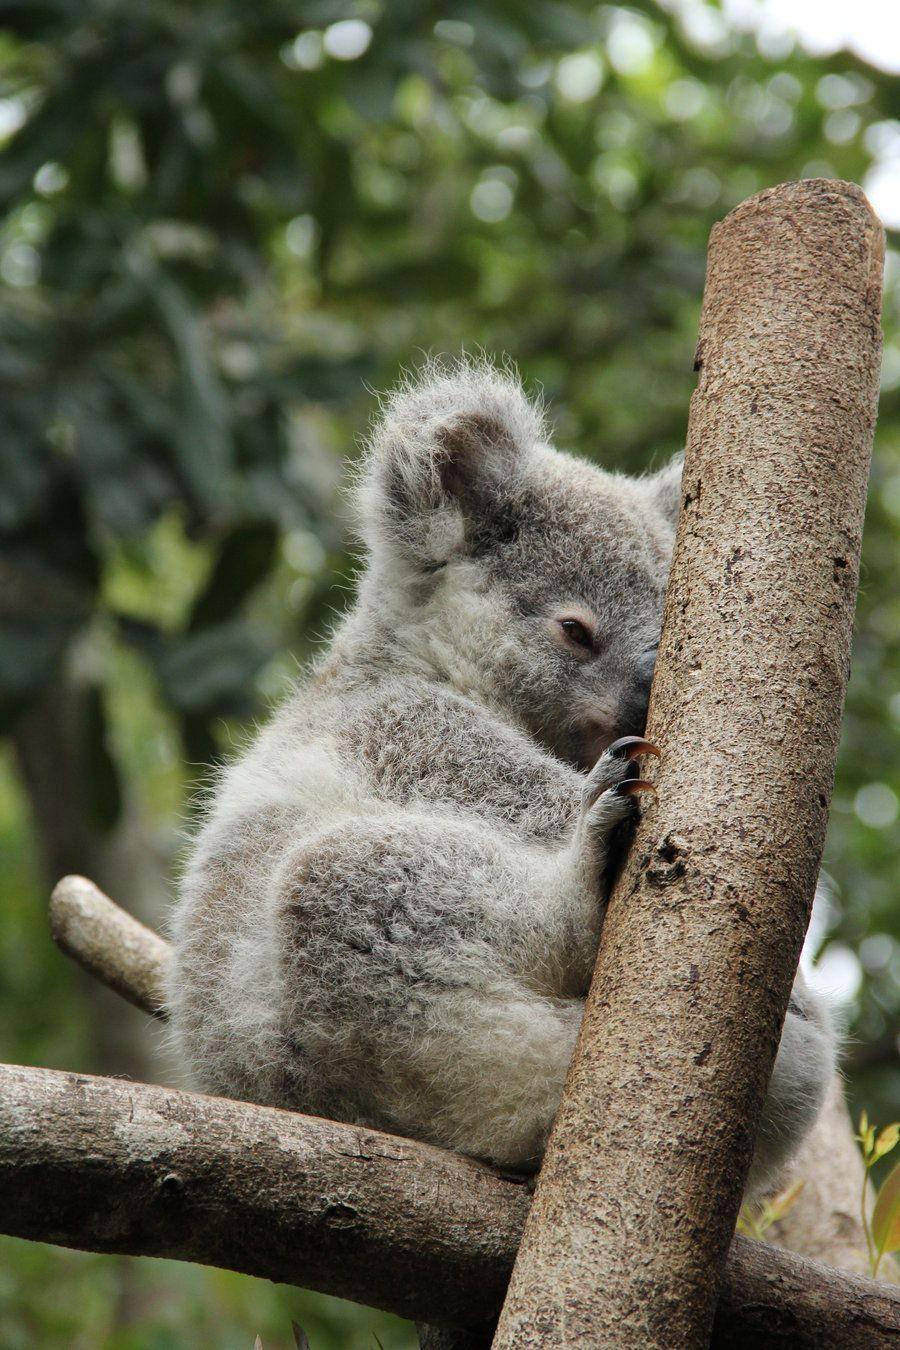 И проститутка коала